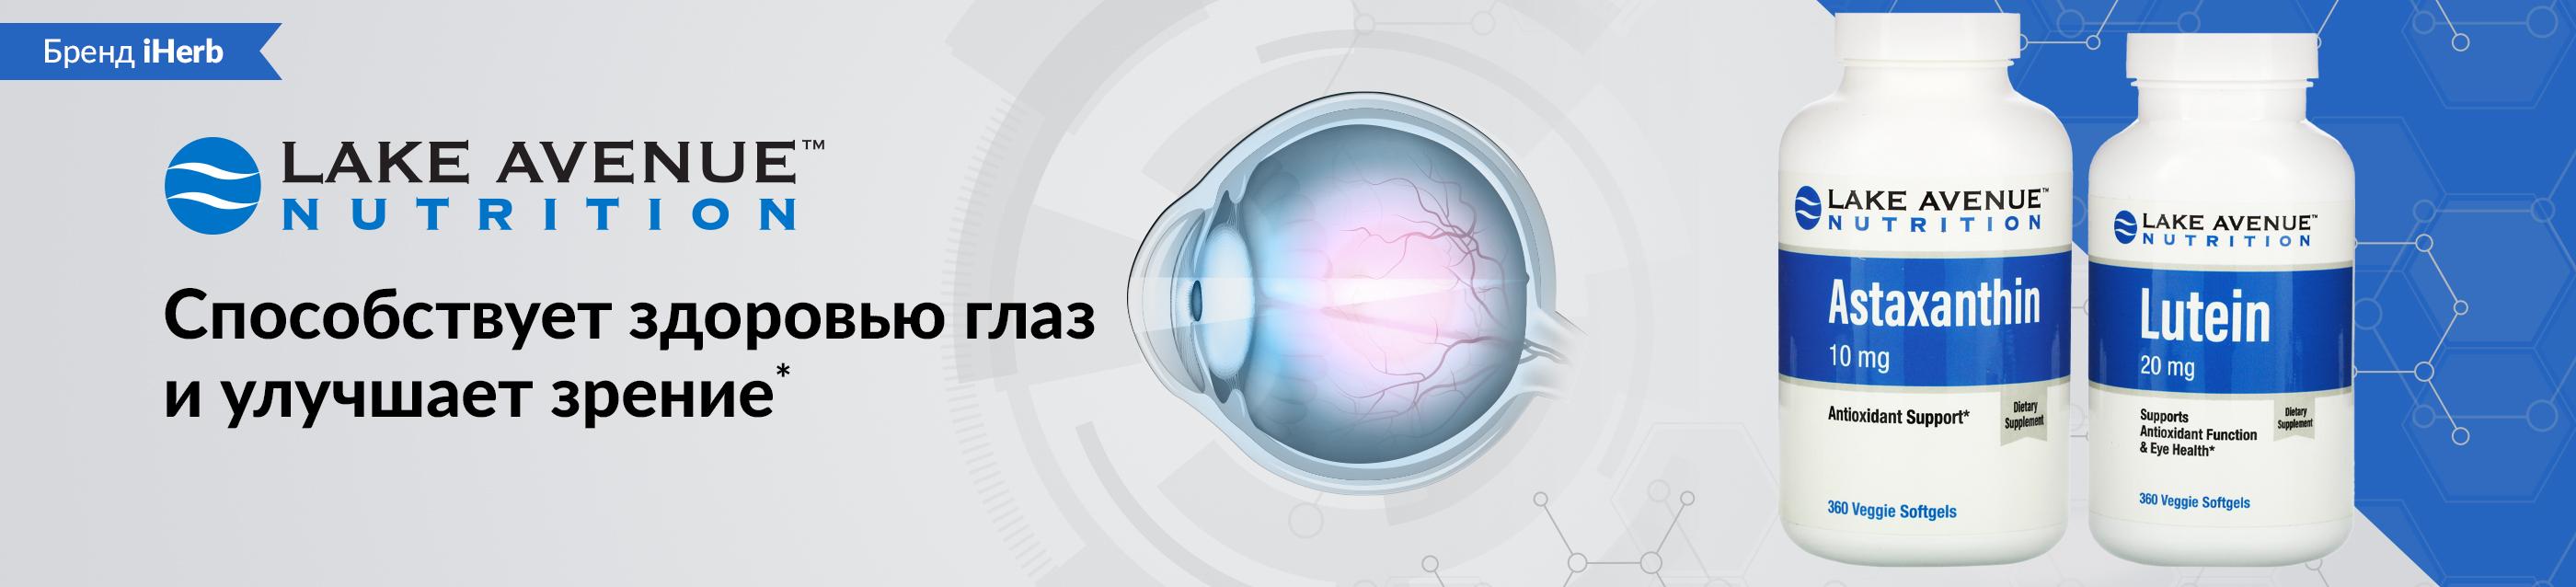 Lake Avenue Nutrition, Eye Health